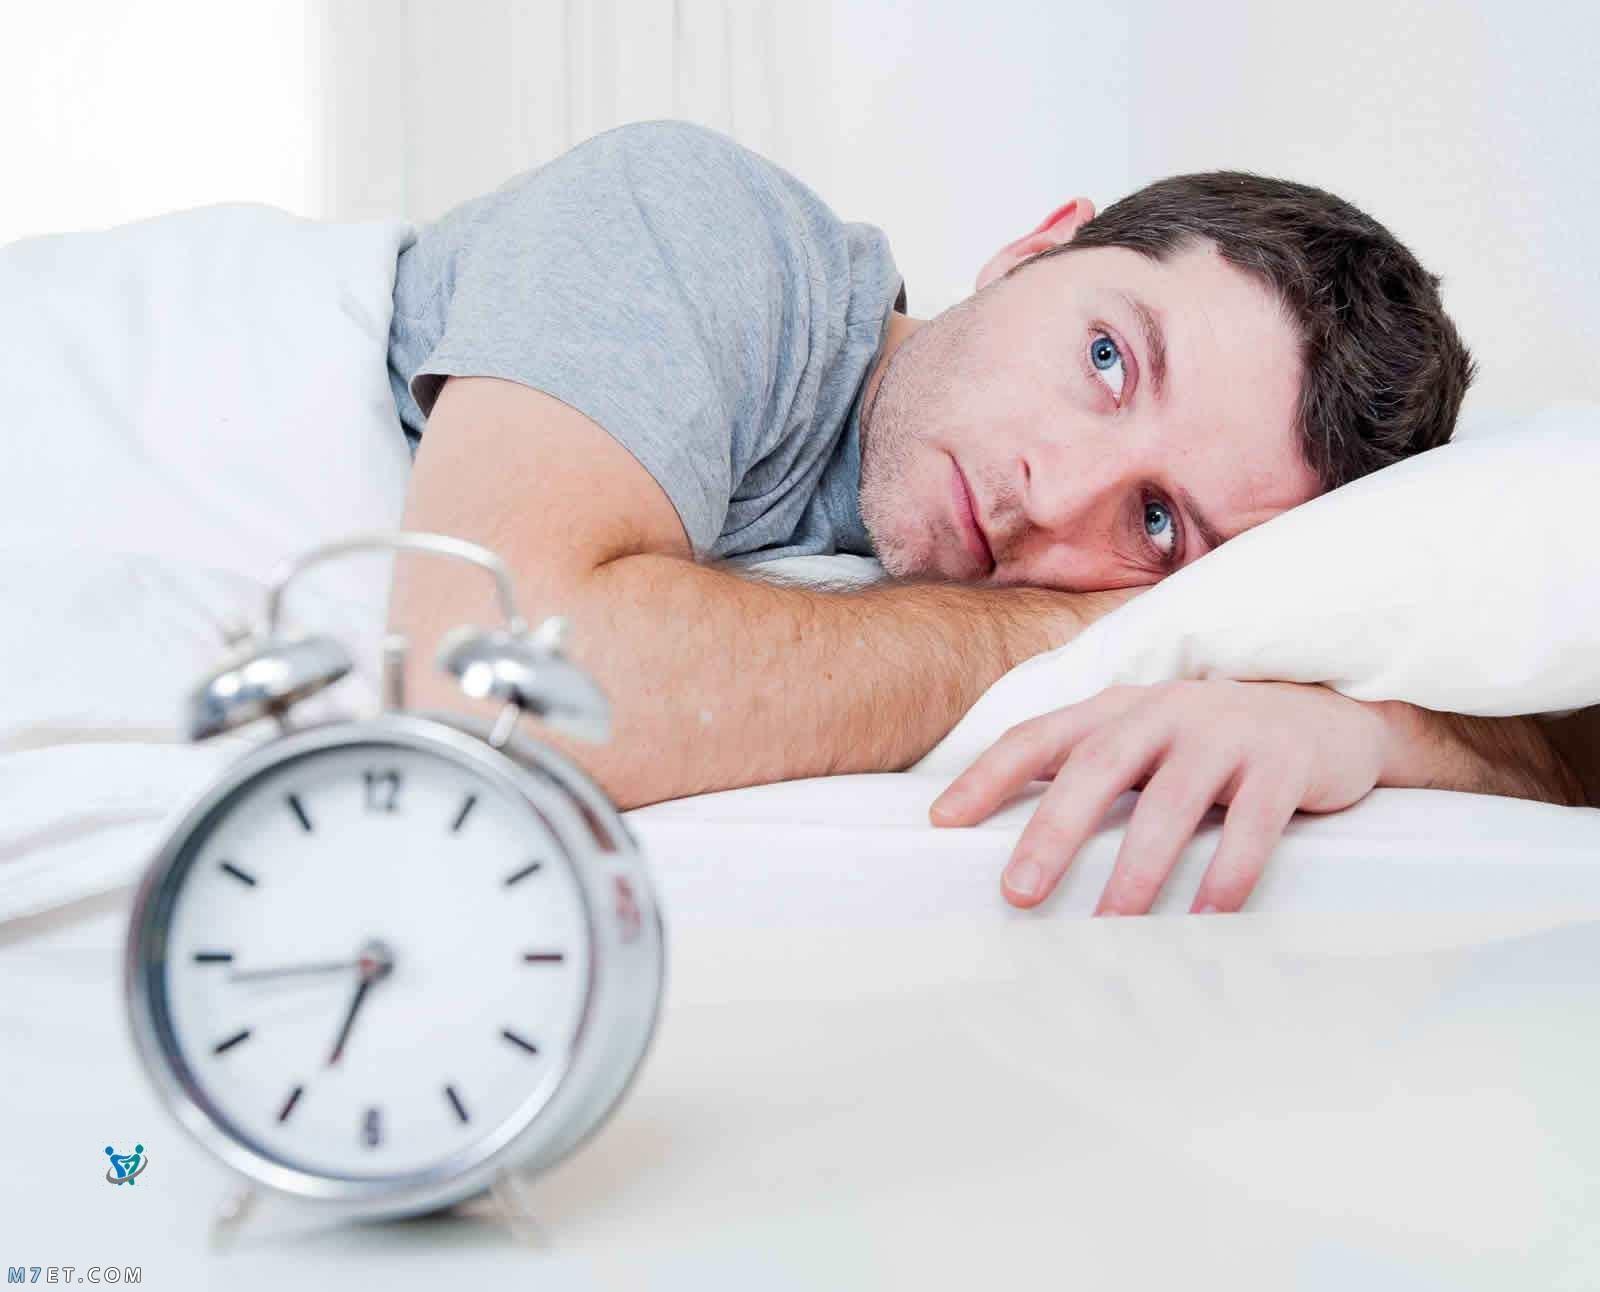 اكلات تساعد على النوم